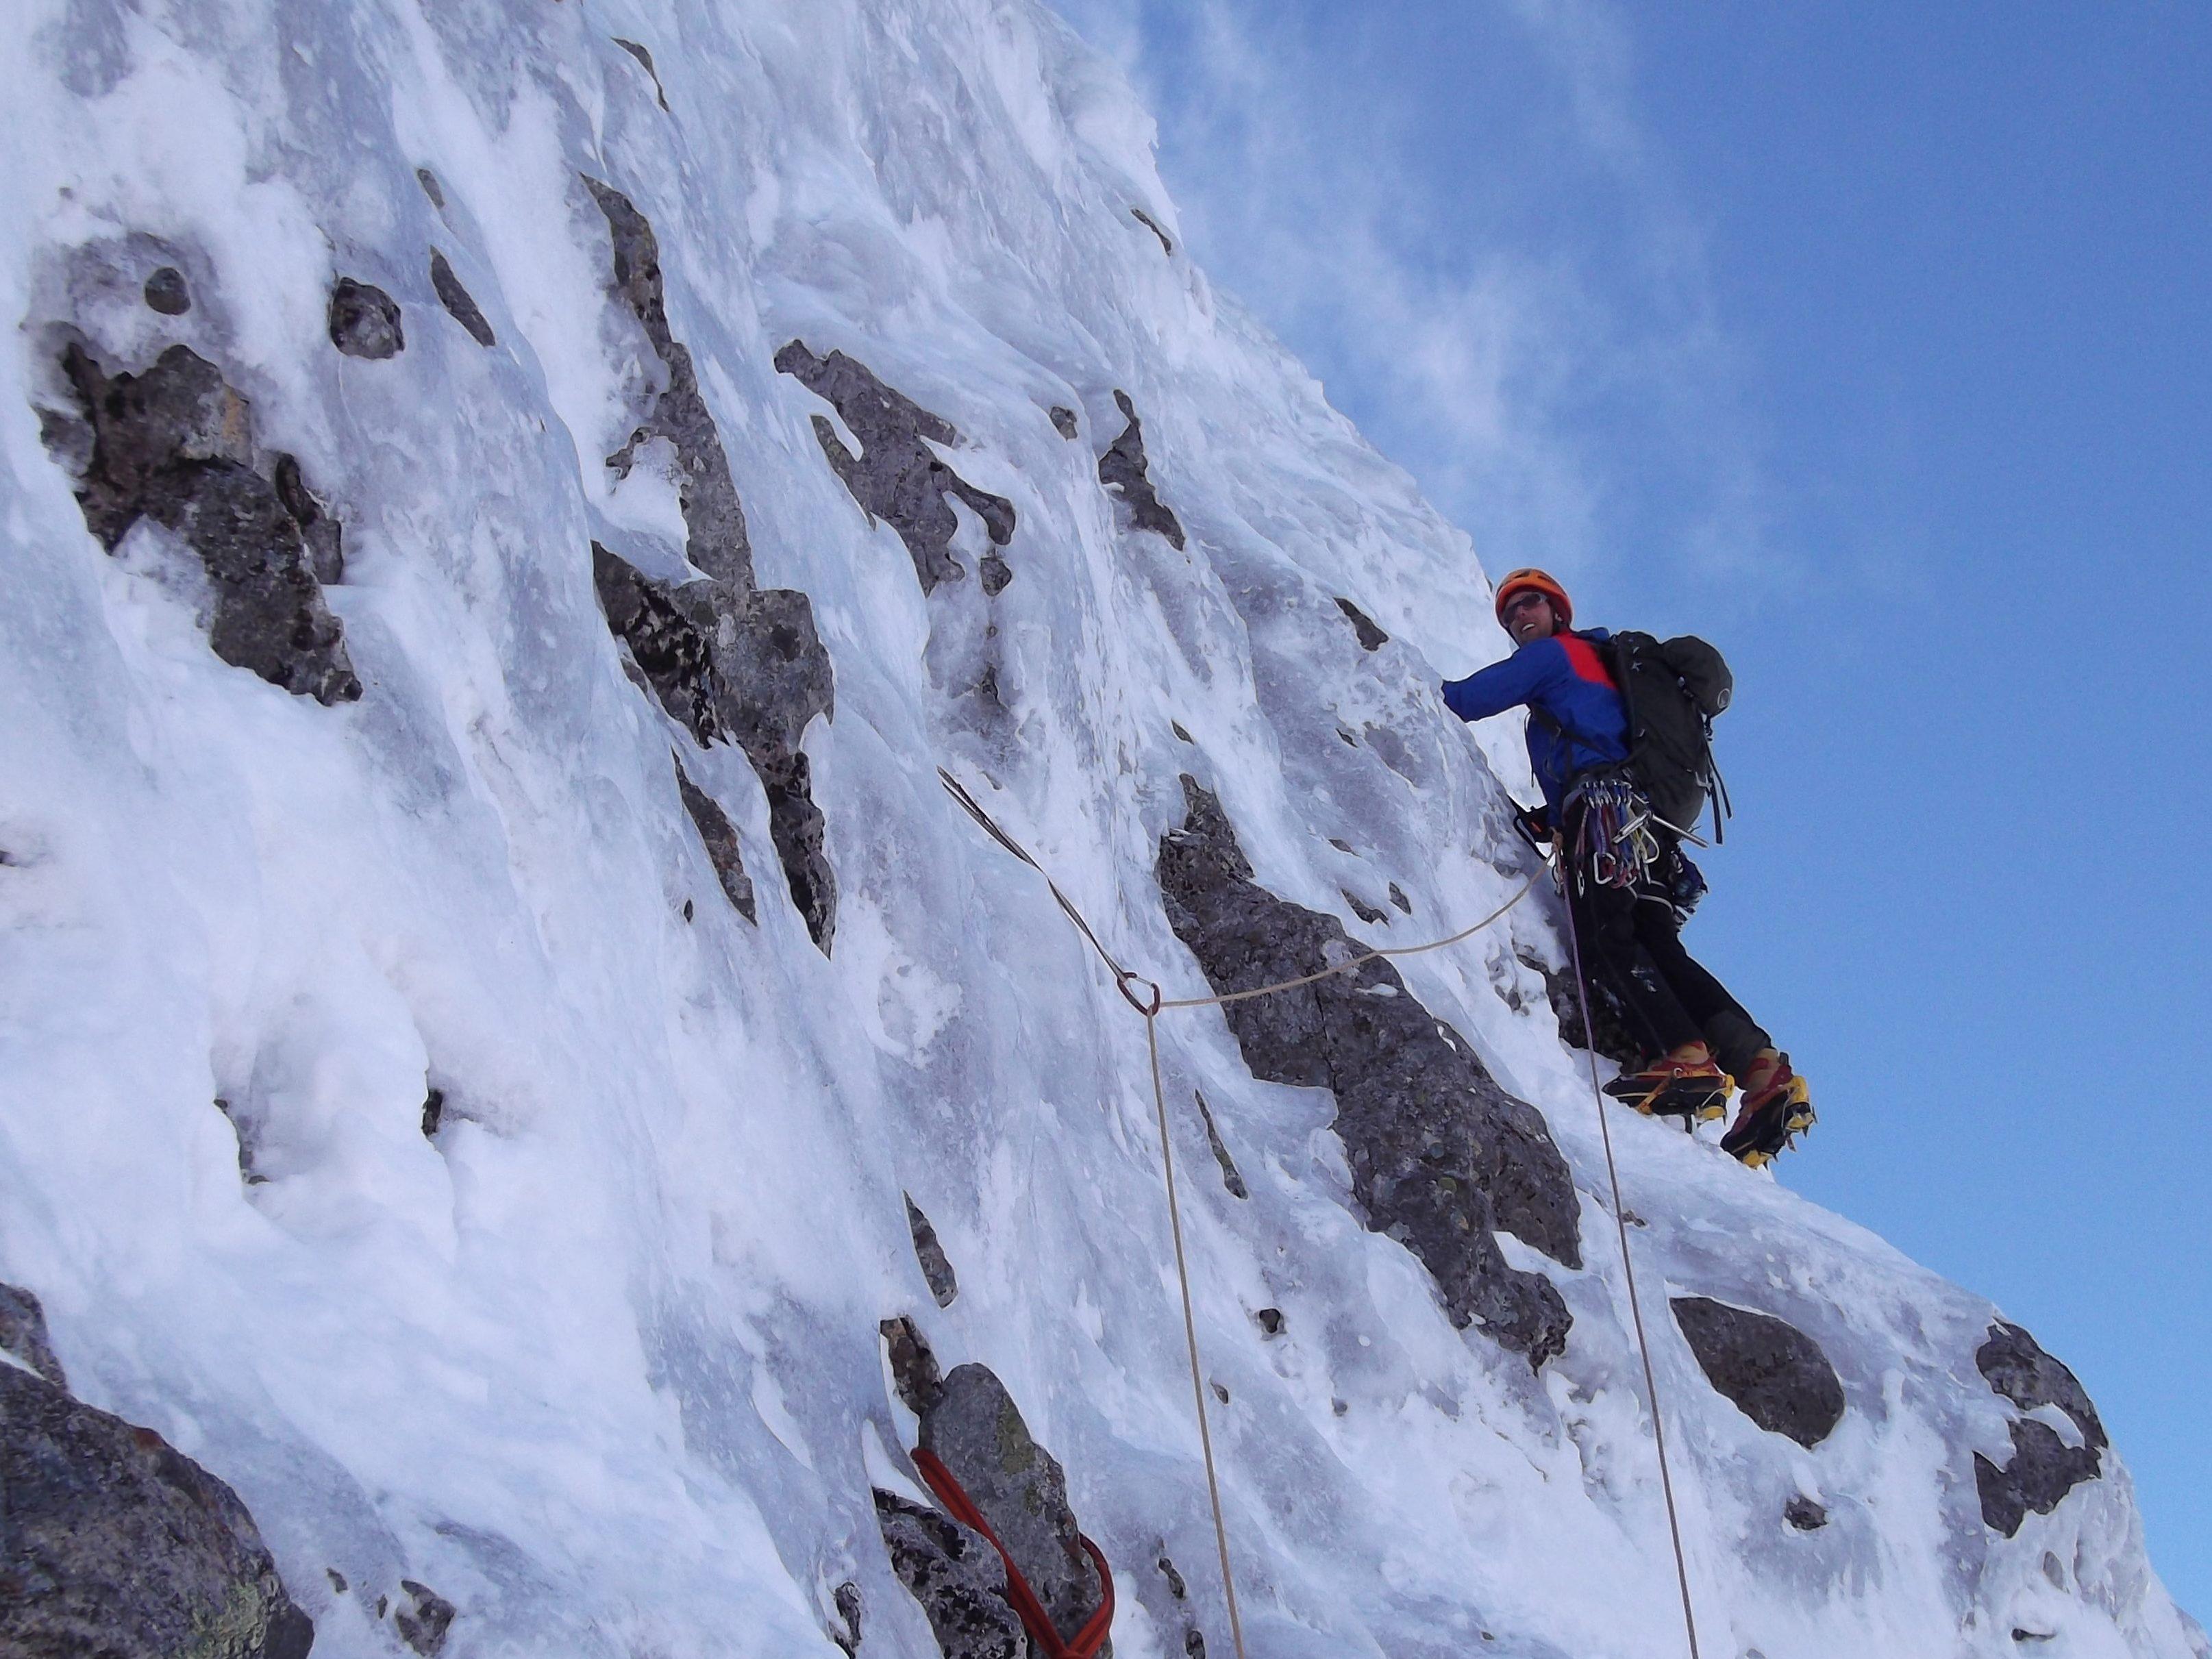 Winter Climbing Guide, Winter Climbing Courses in Scotland, Ice Climbing Guide Ben Nevis, Ben Nevis Climbing Guide,